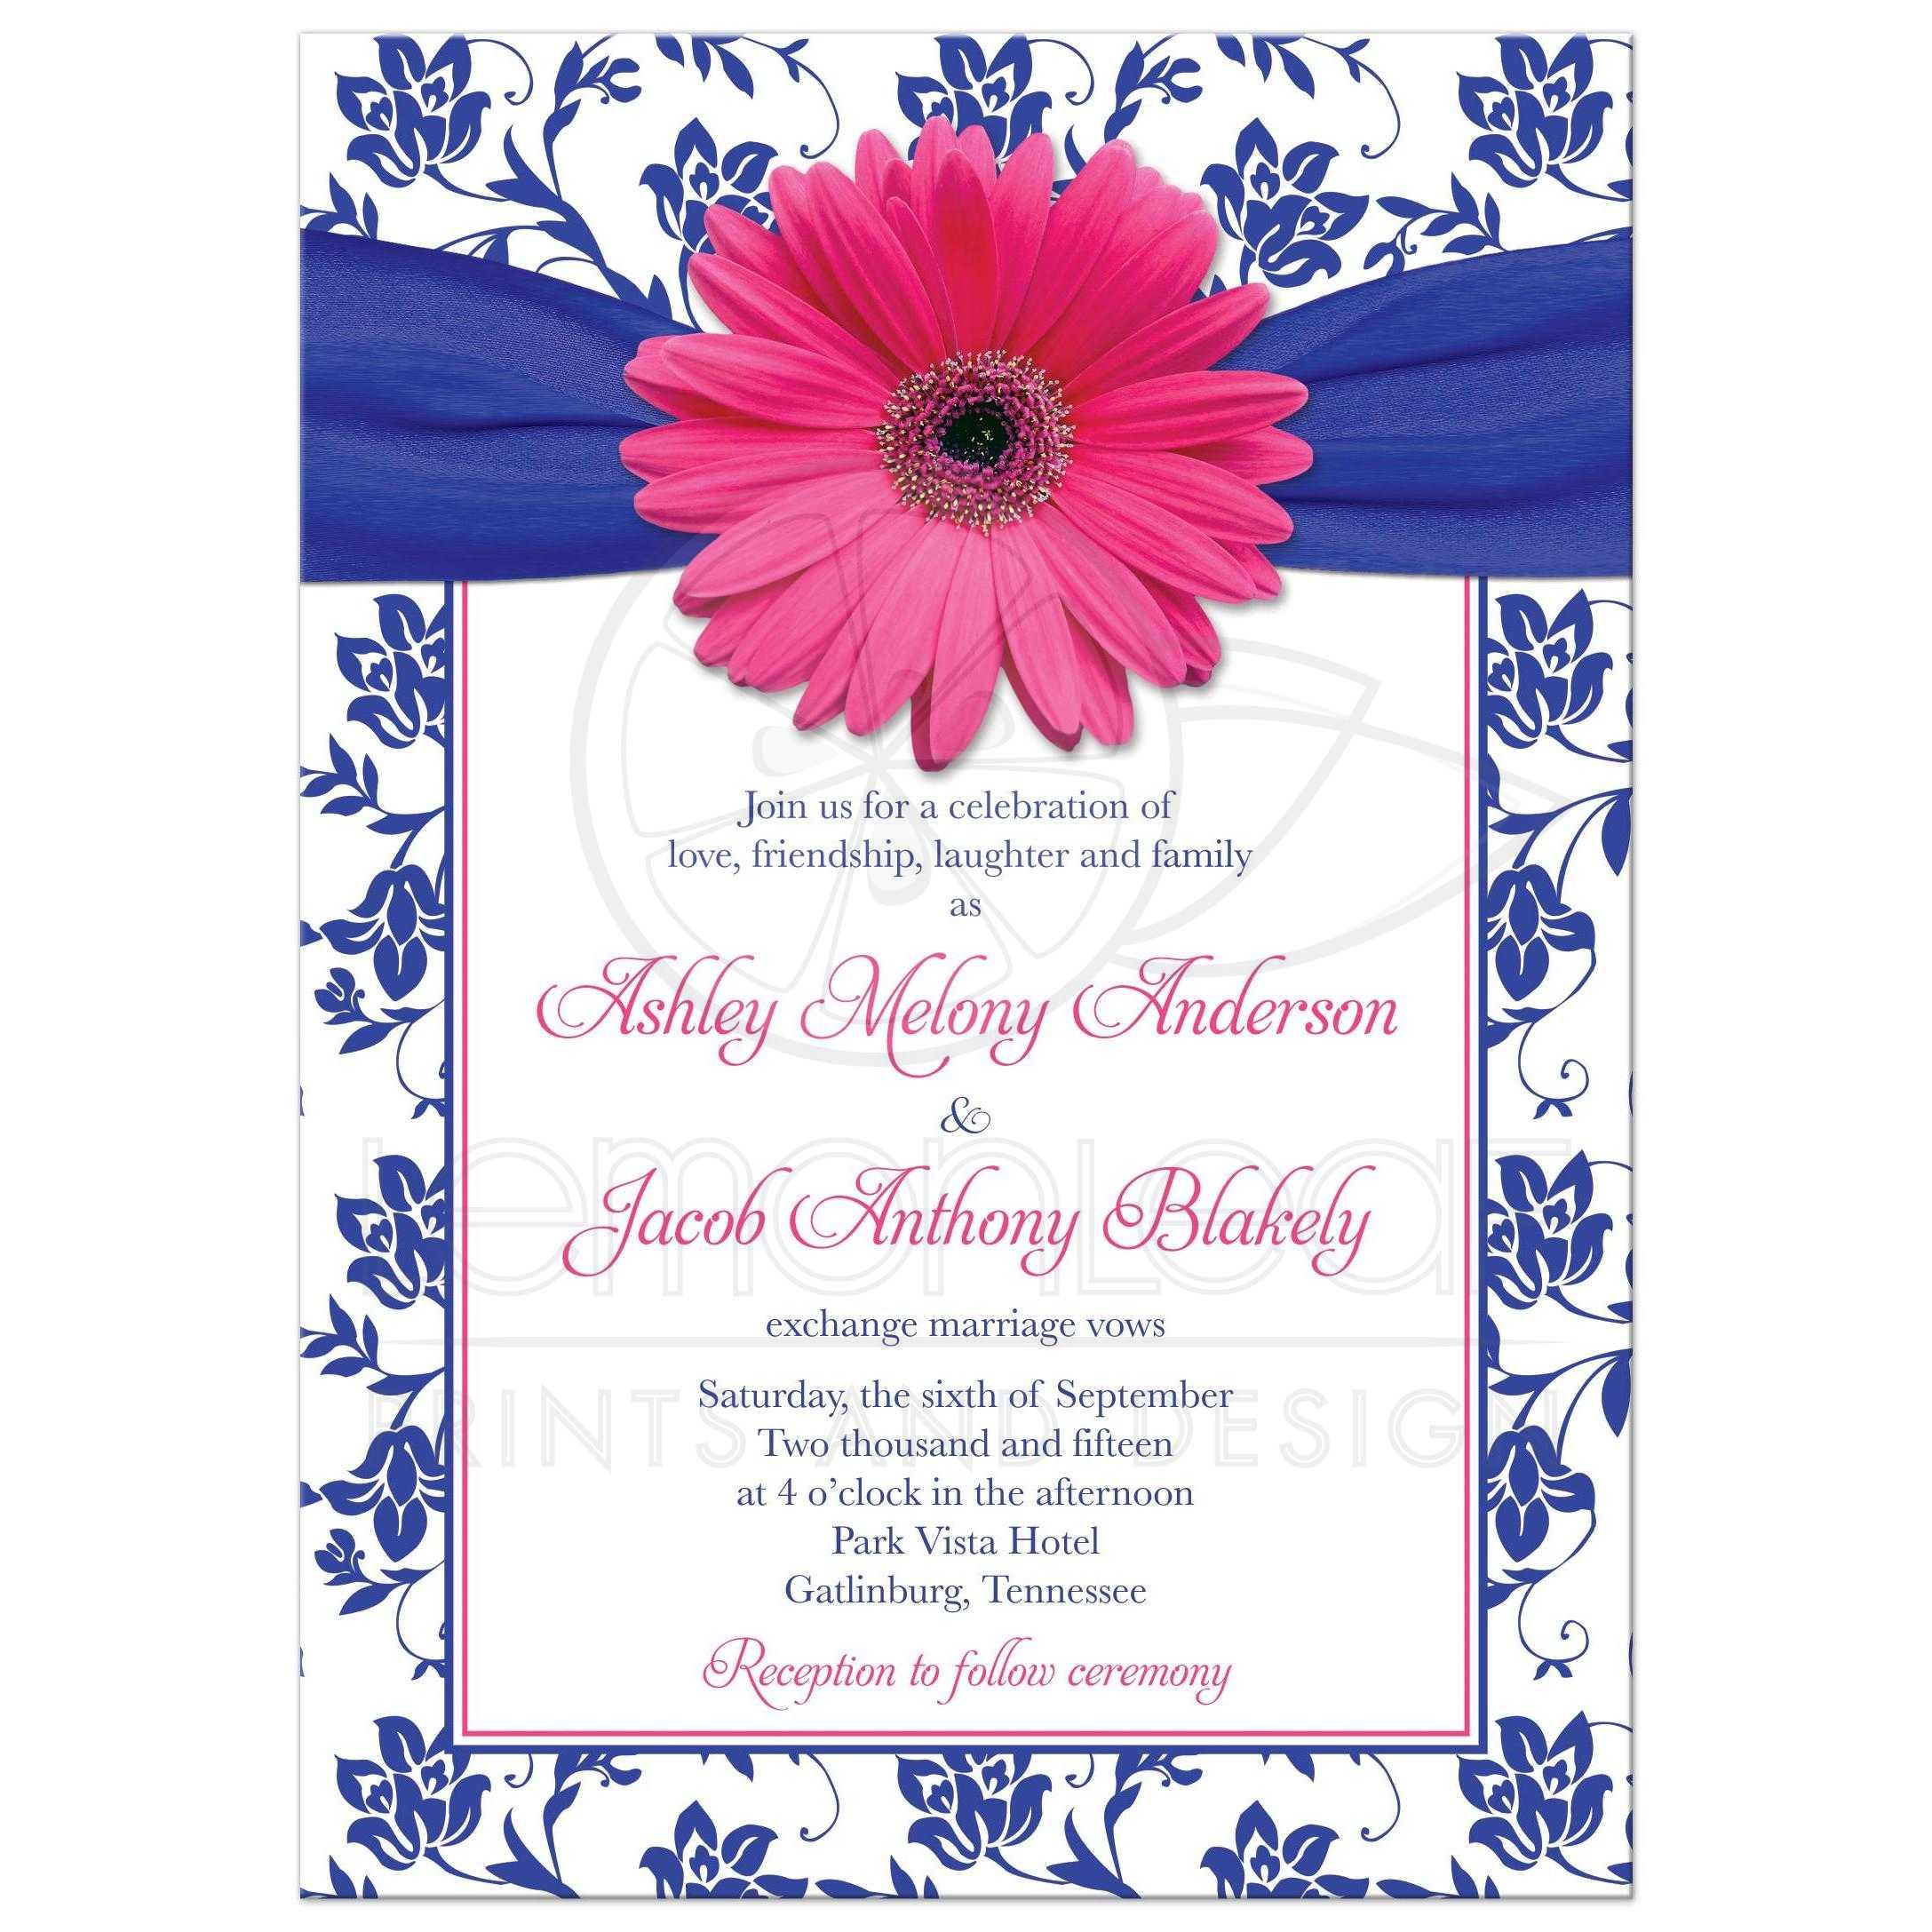 Hot Pink Gerber Daisy Royal Blue Damask Fl And Ribbon Wedding Invitation Front